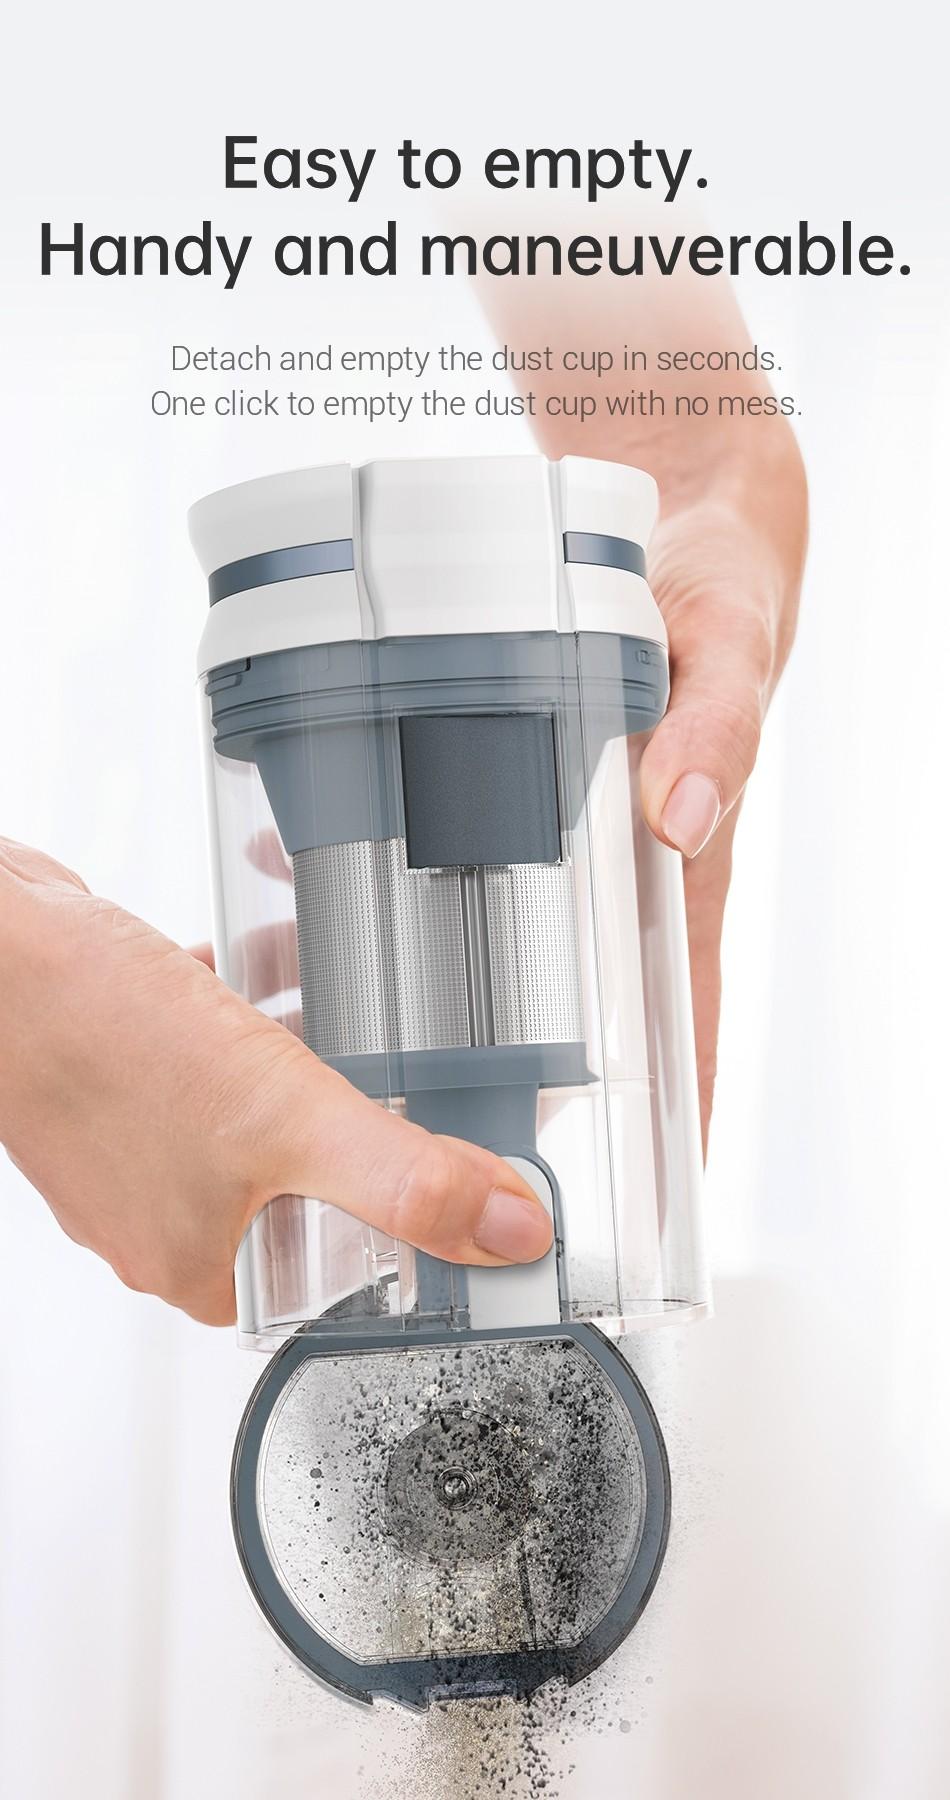 Dreame P10 Limpiador De Vacío Inalámbrico Portátil Versión De La Ue-Para Hogar 20kPa Electrodomésticos LED Pantalla De Polvo De Colector De Polvo Aspiradora